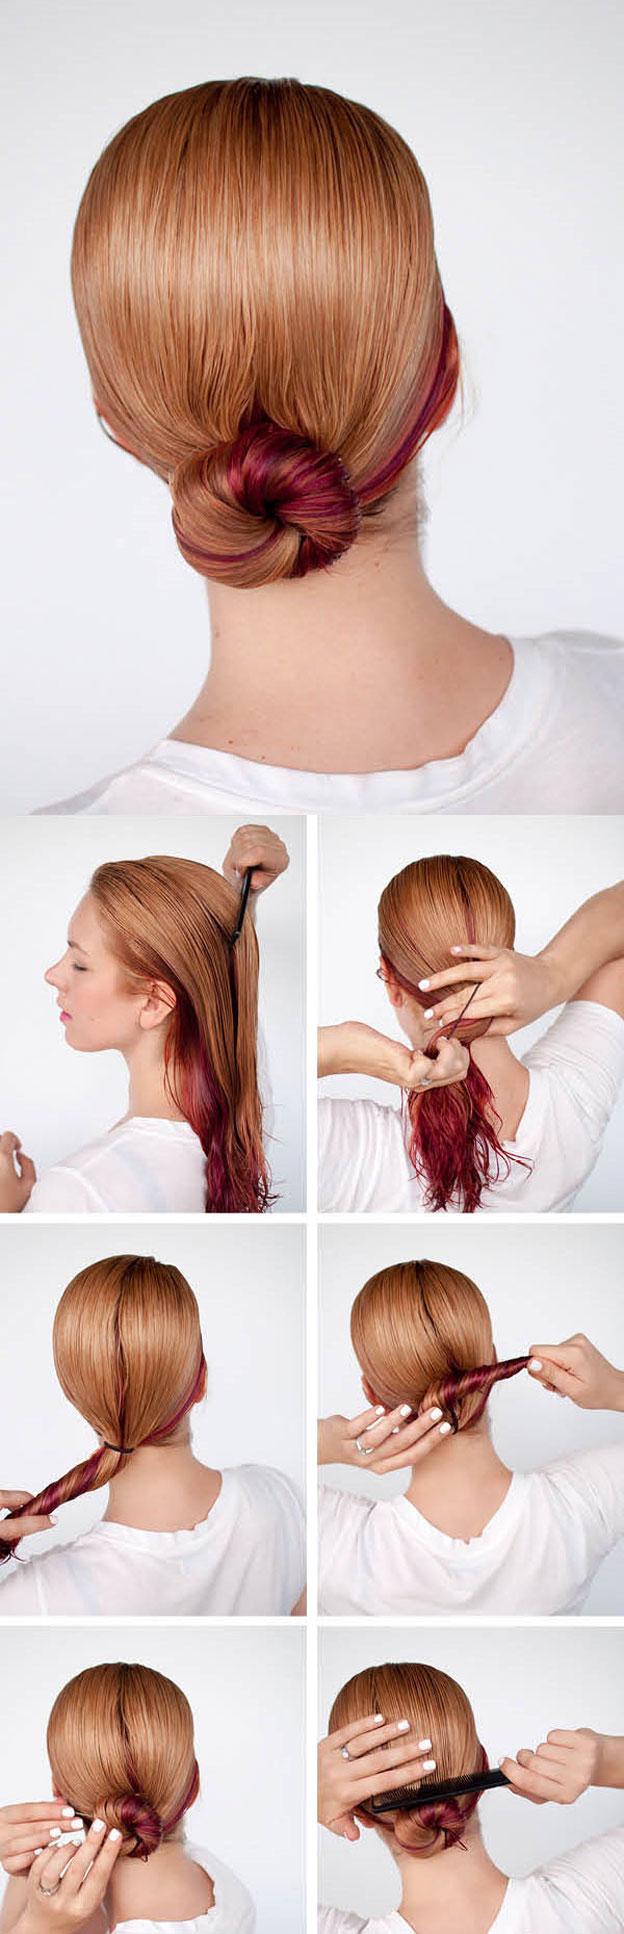 Причёска пучок пошаговое фото